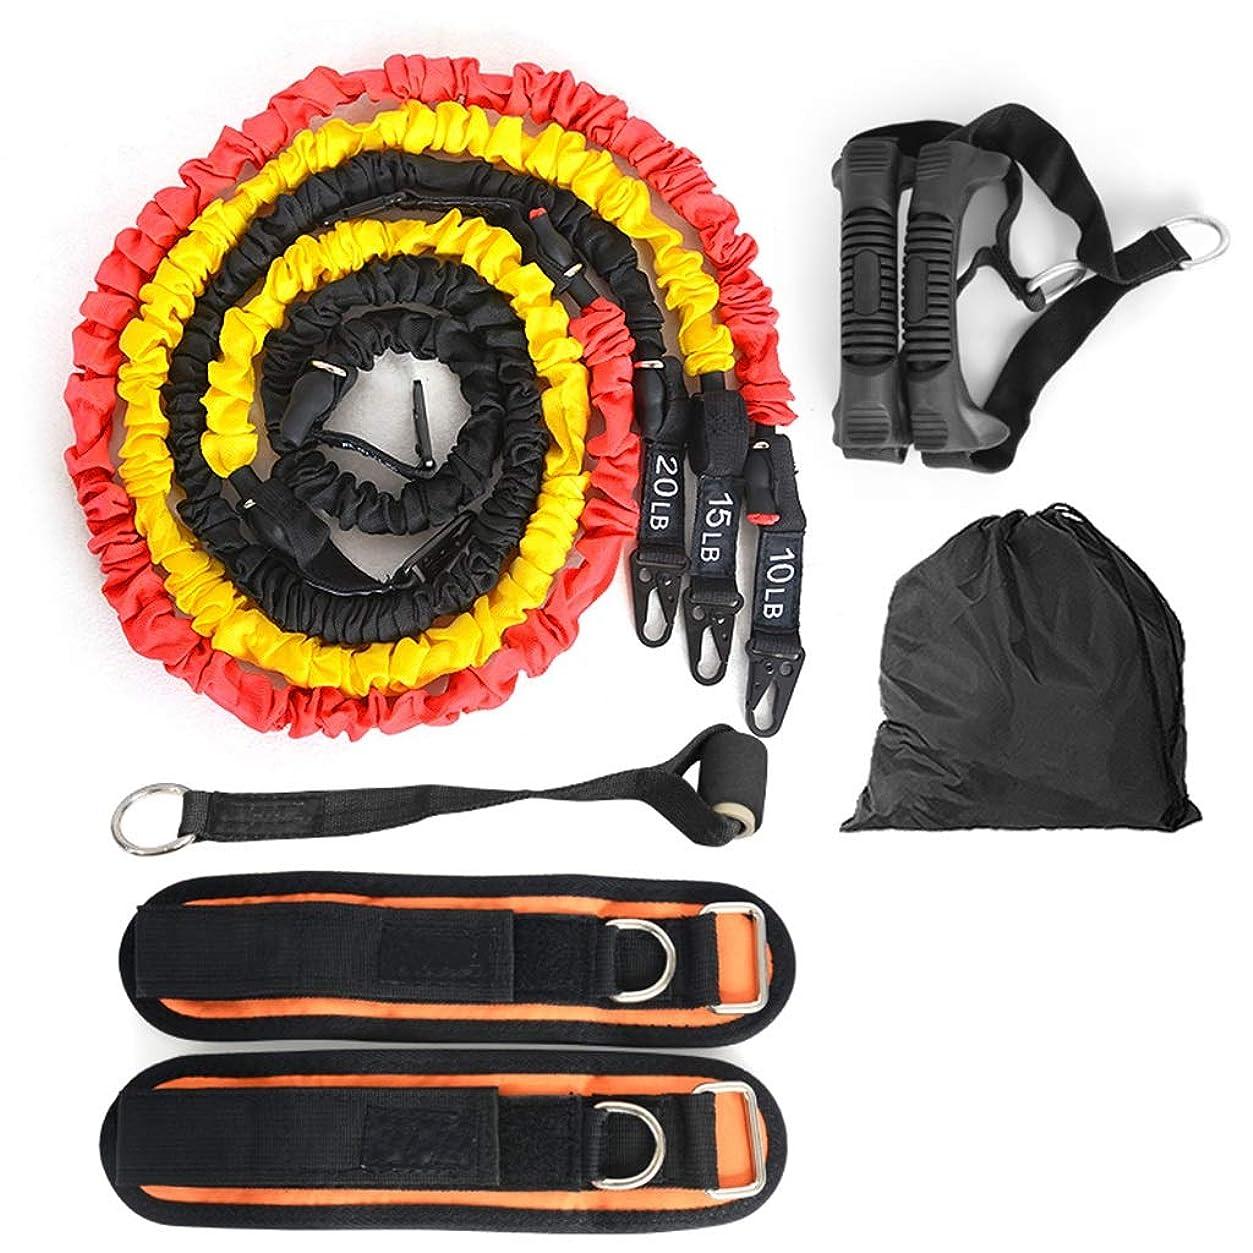 初期の観光氏多機能ワードロープの男性と女性のフィットネス機器の抵抗薄い腕のトレーニング弾性ロープ弾性ベルトテンショナー (色 : 45 pounds)